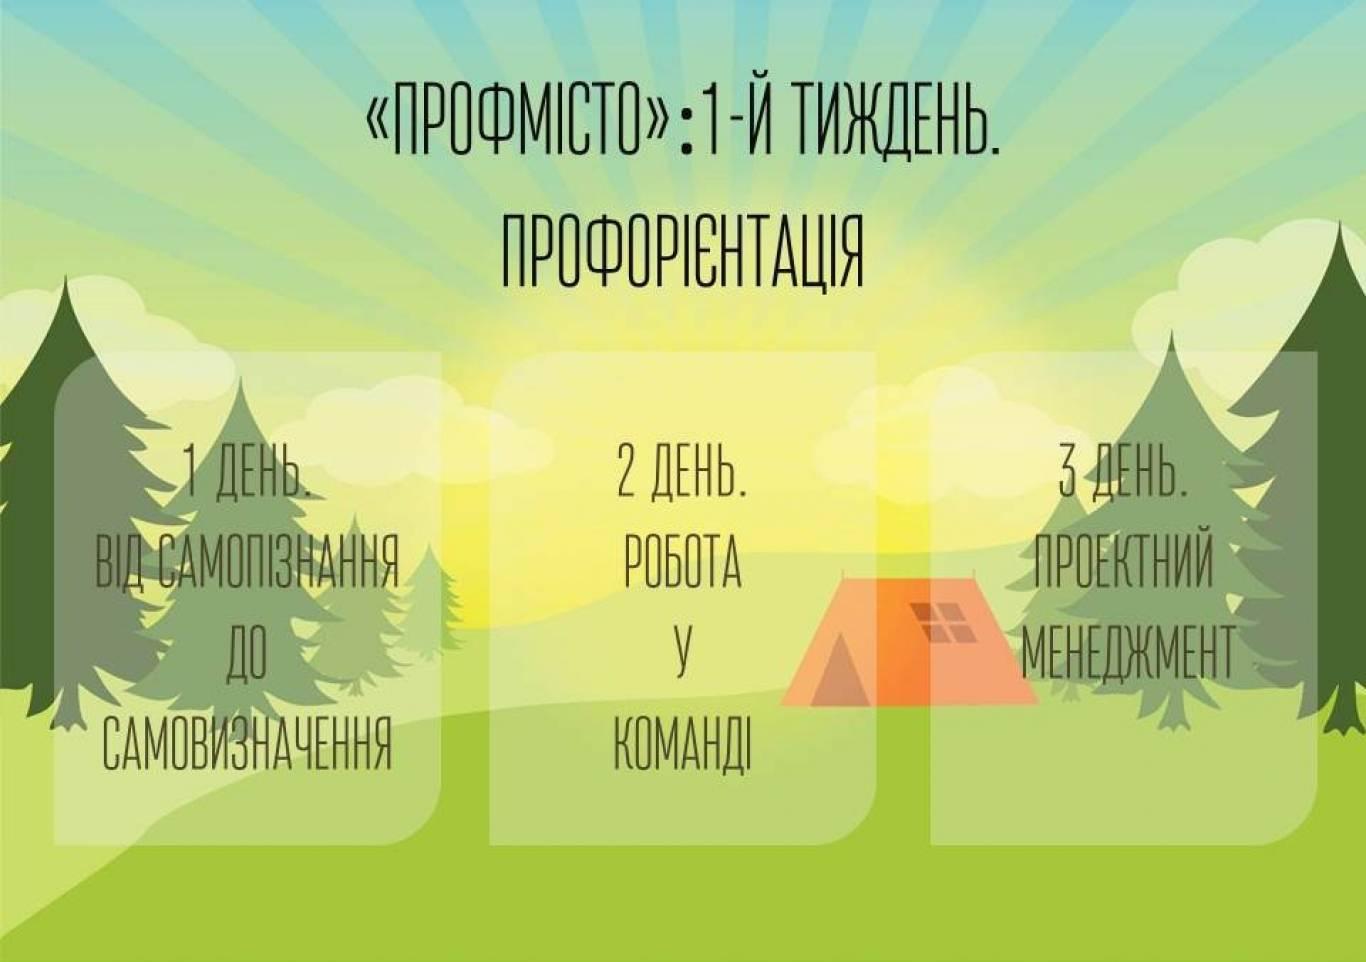 Літній профорієнтаційний табір «ПрофМісто» стартує  в Києві